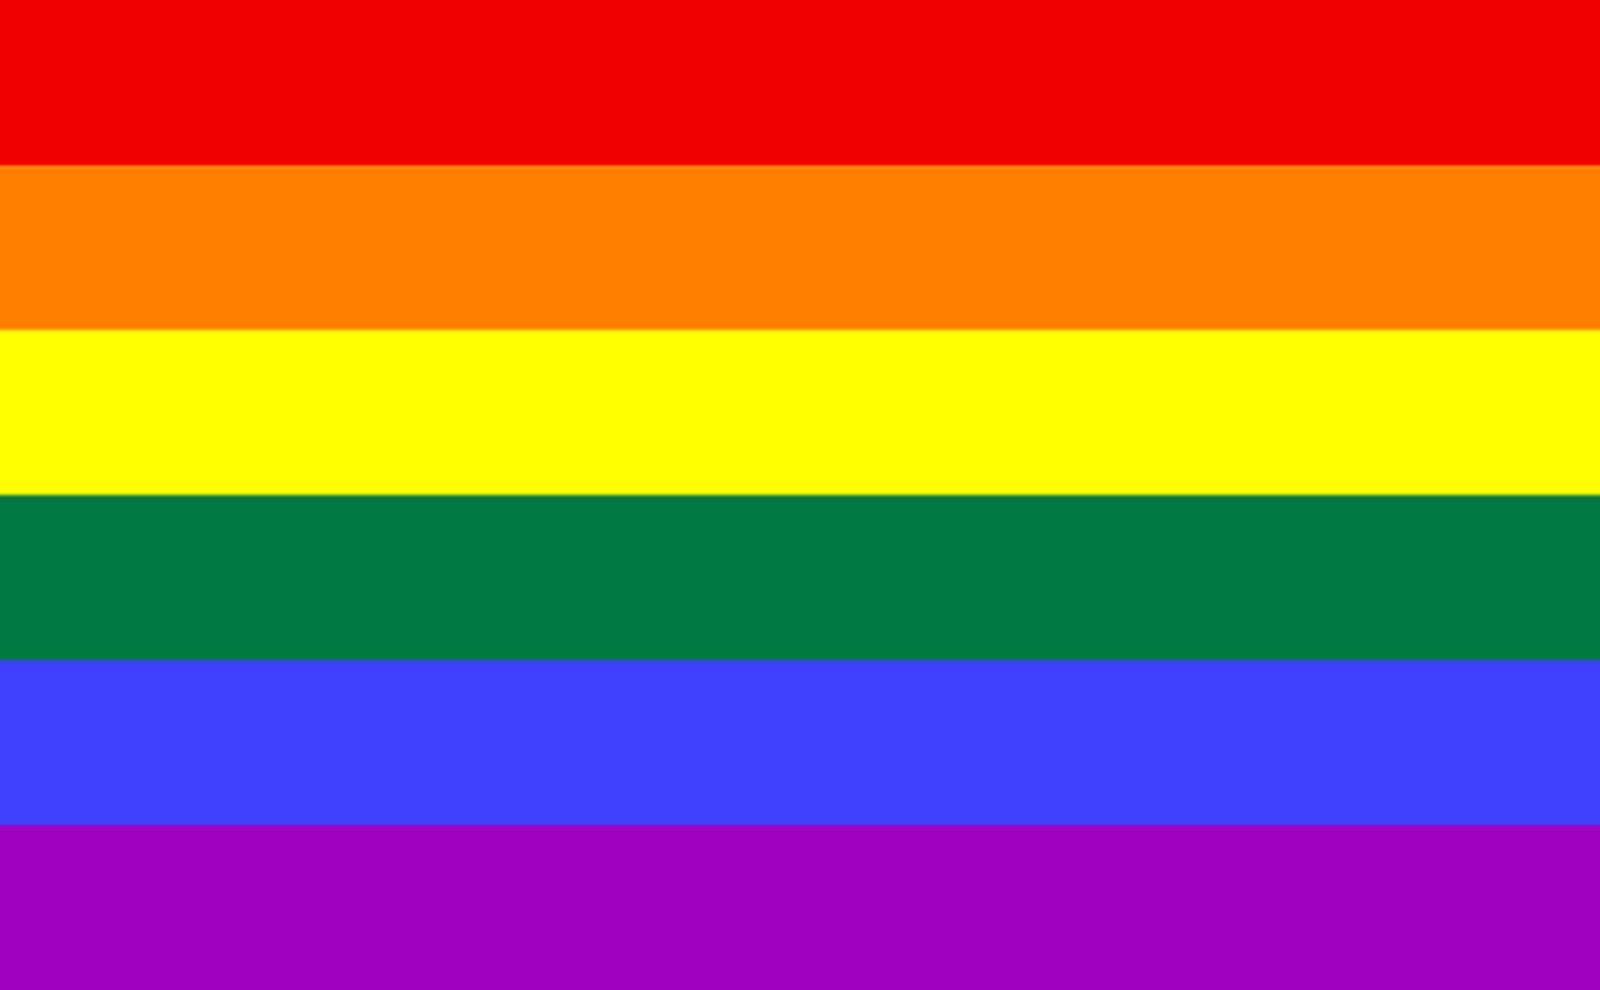 Que colores tiene la bandera bisexual